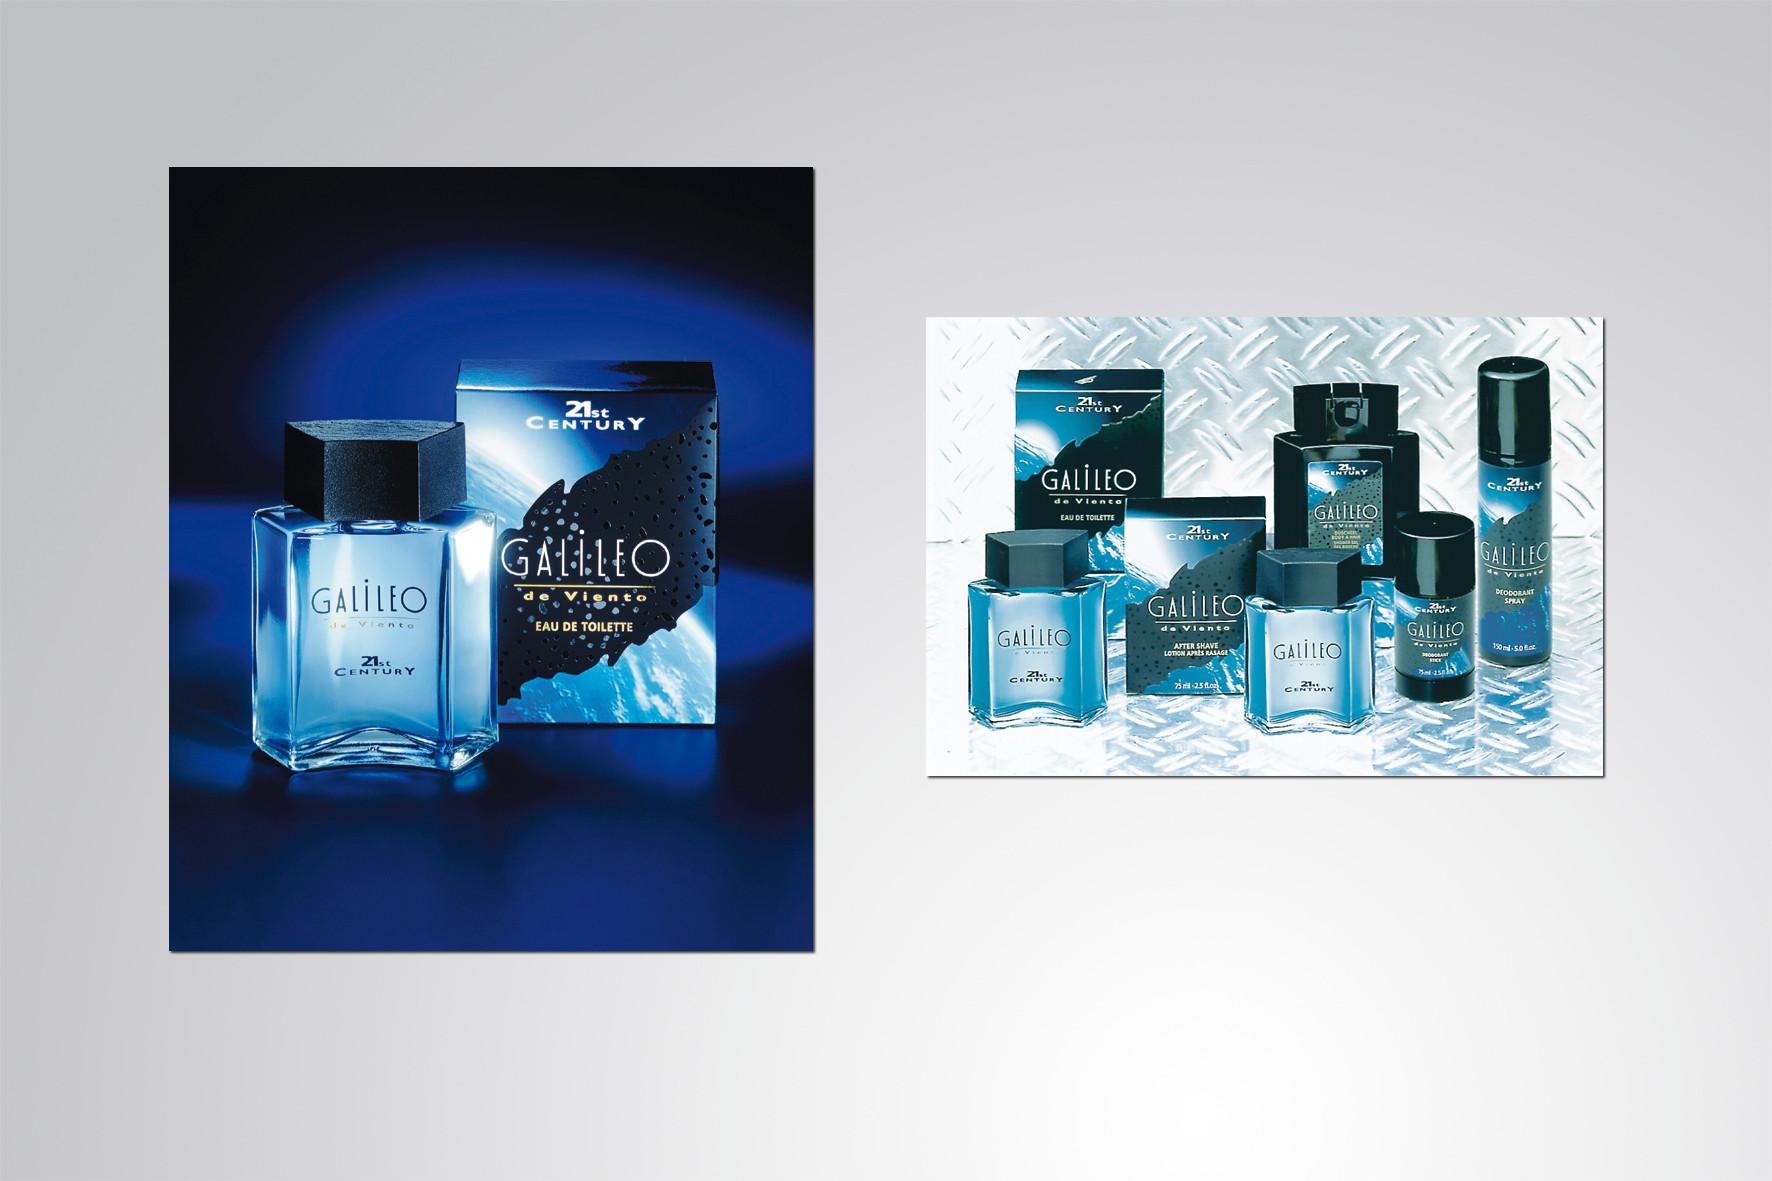 Kunde: Cosmopolitan Cosmetics · Produkt: Galileo 21st Century, Produkt Design und Bildwelt